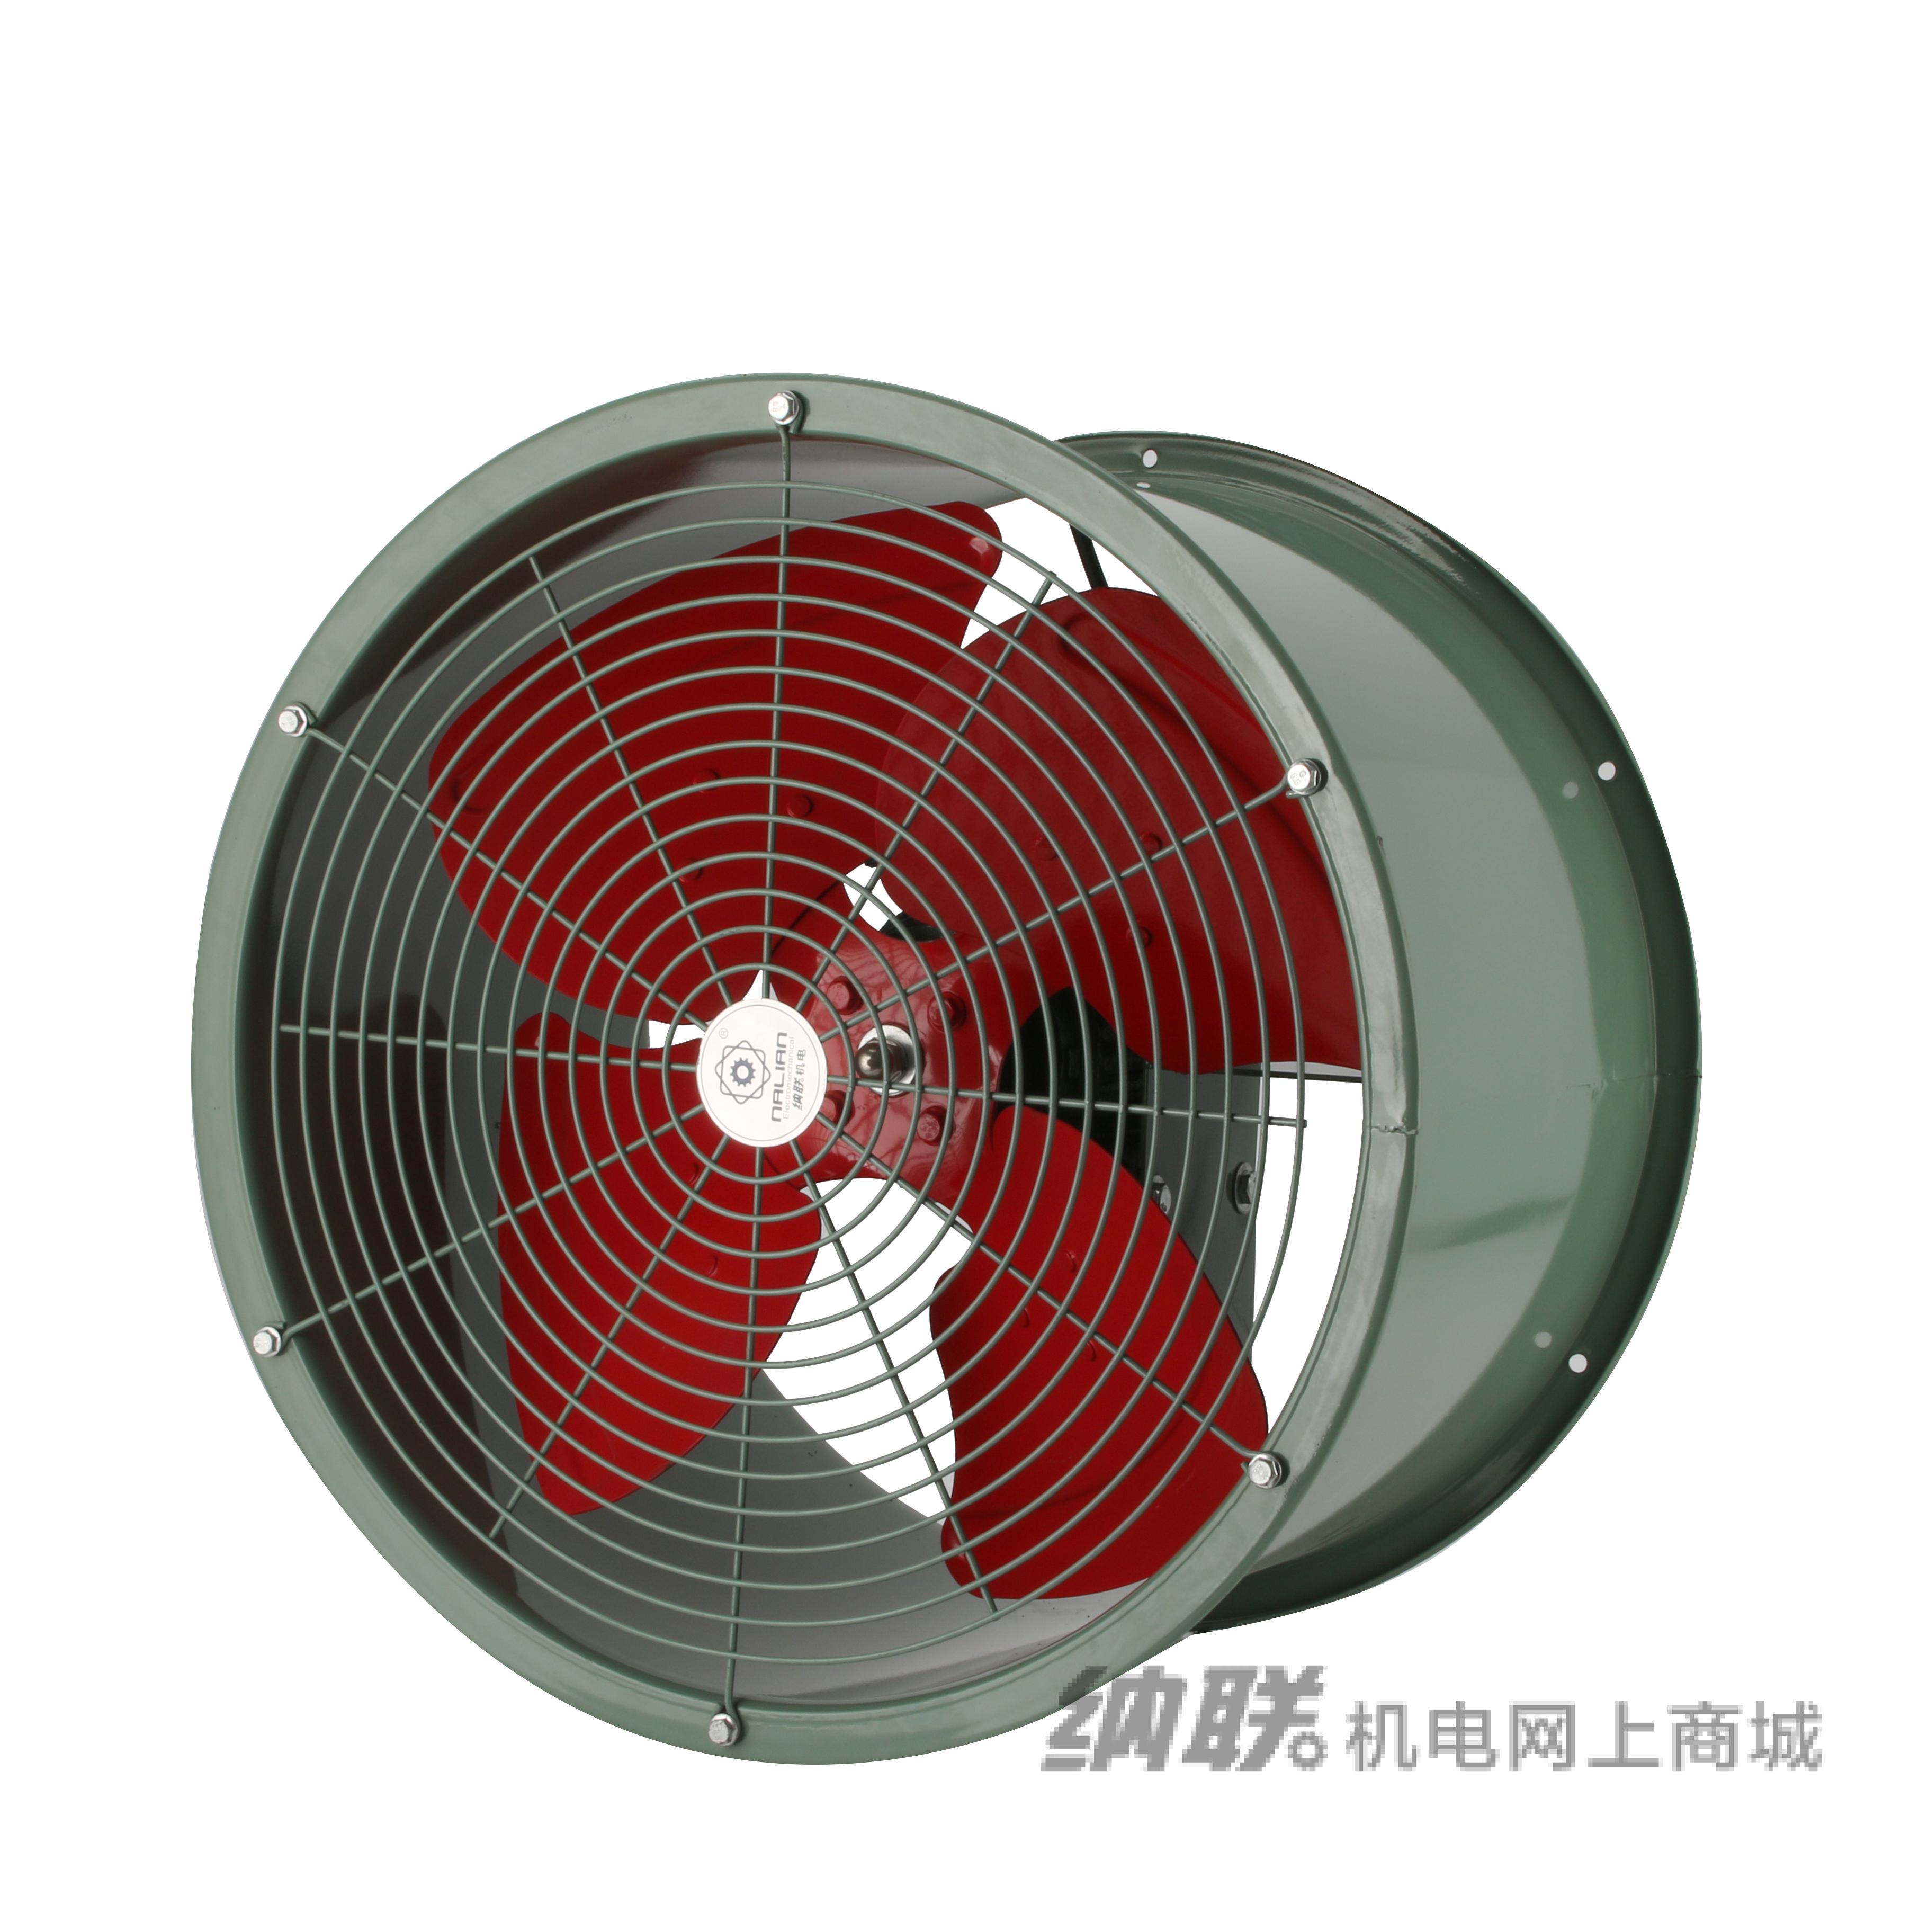 纳联机电 轴流风机-SF3-2/250w 三